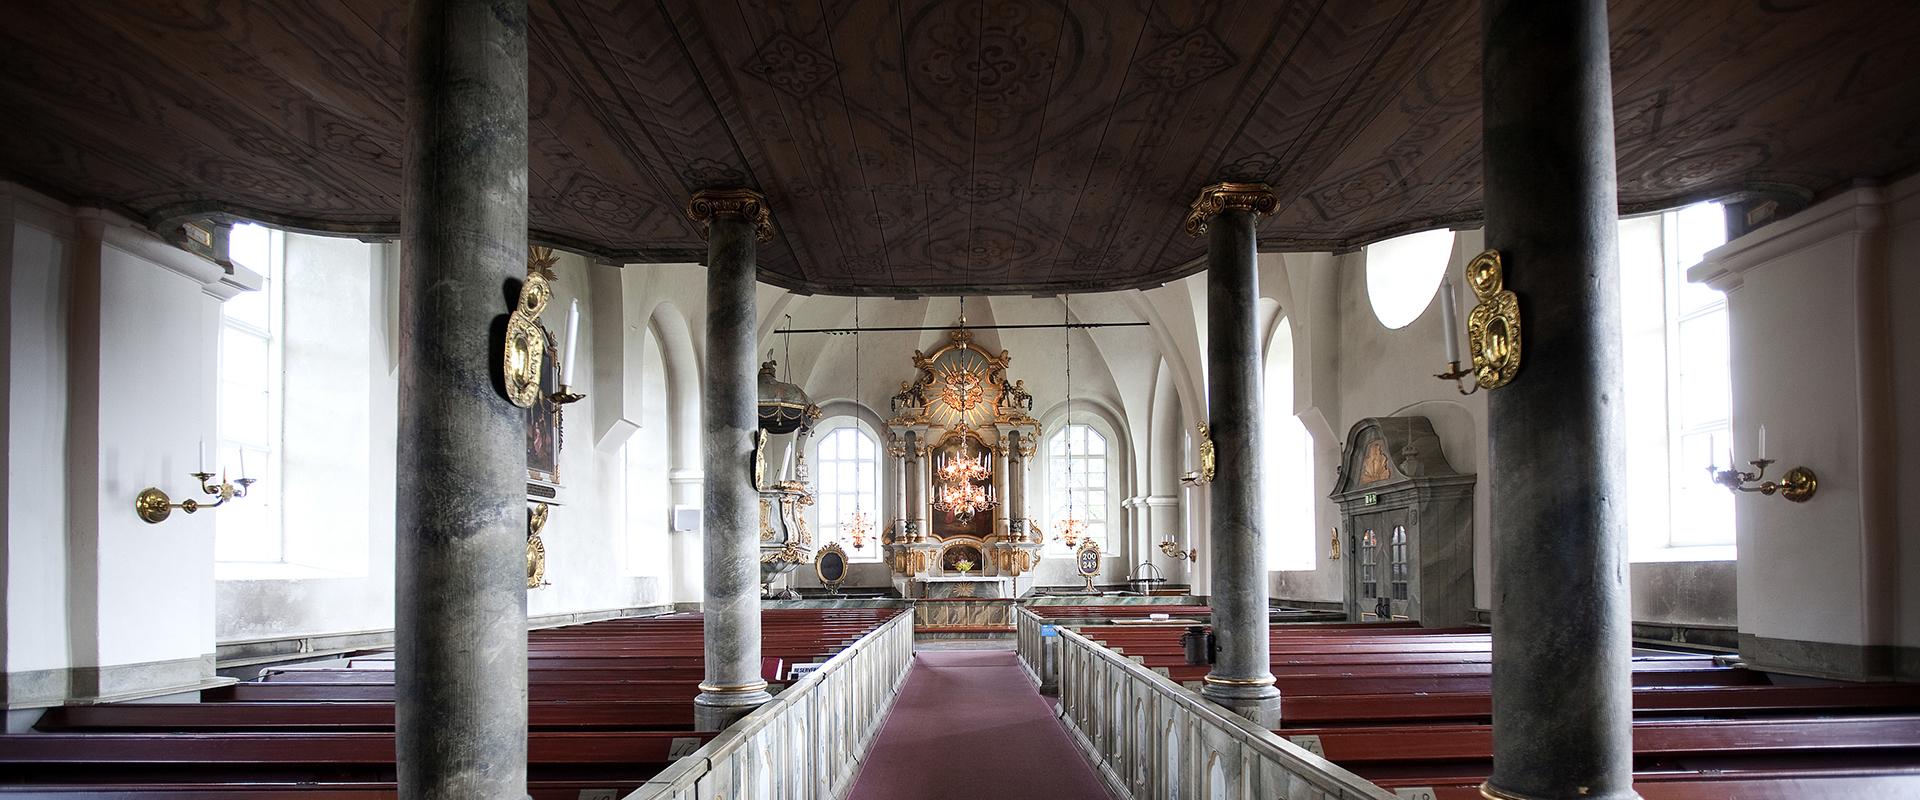 Borgsjö church interior